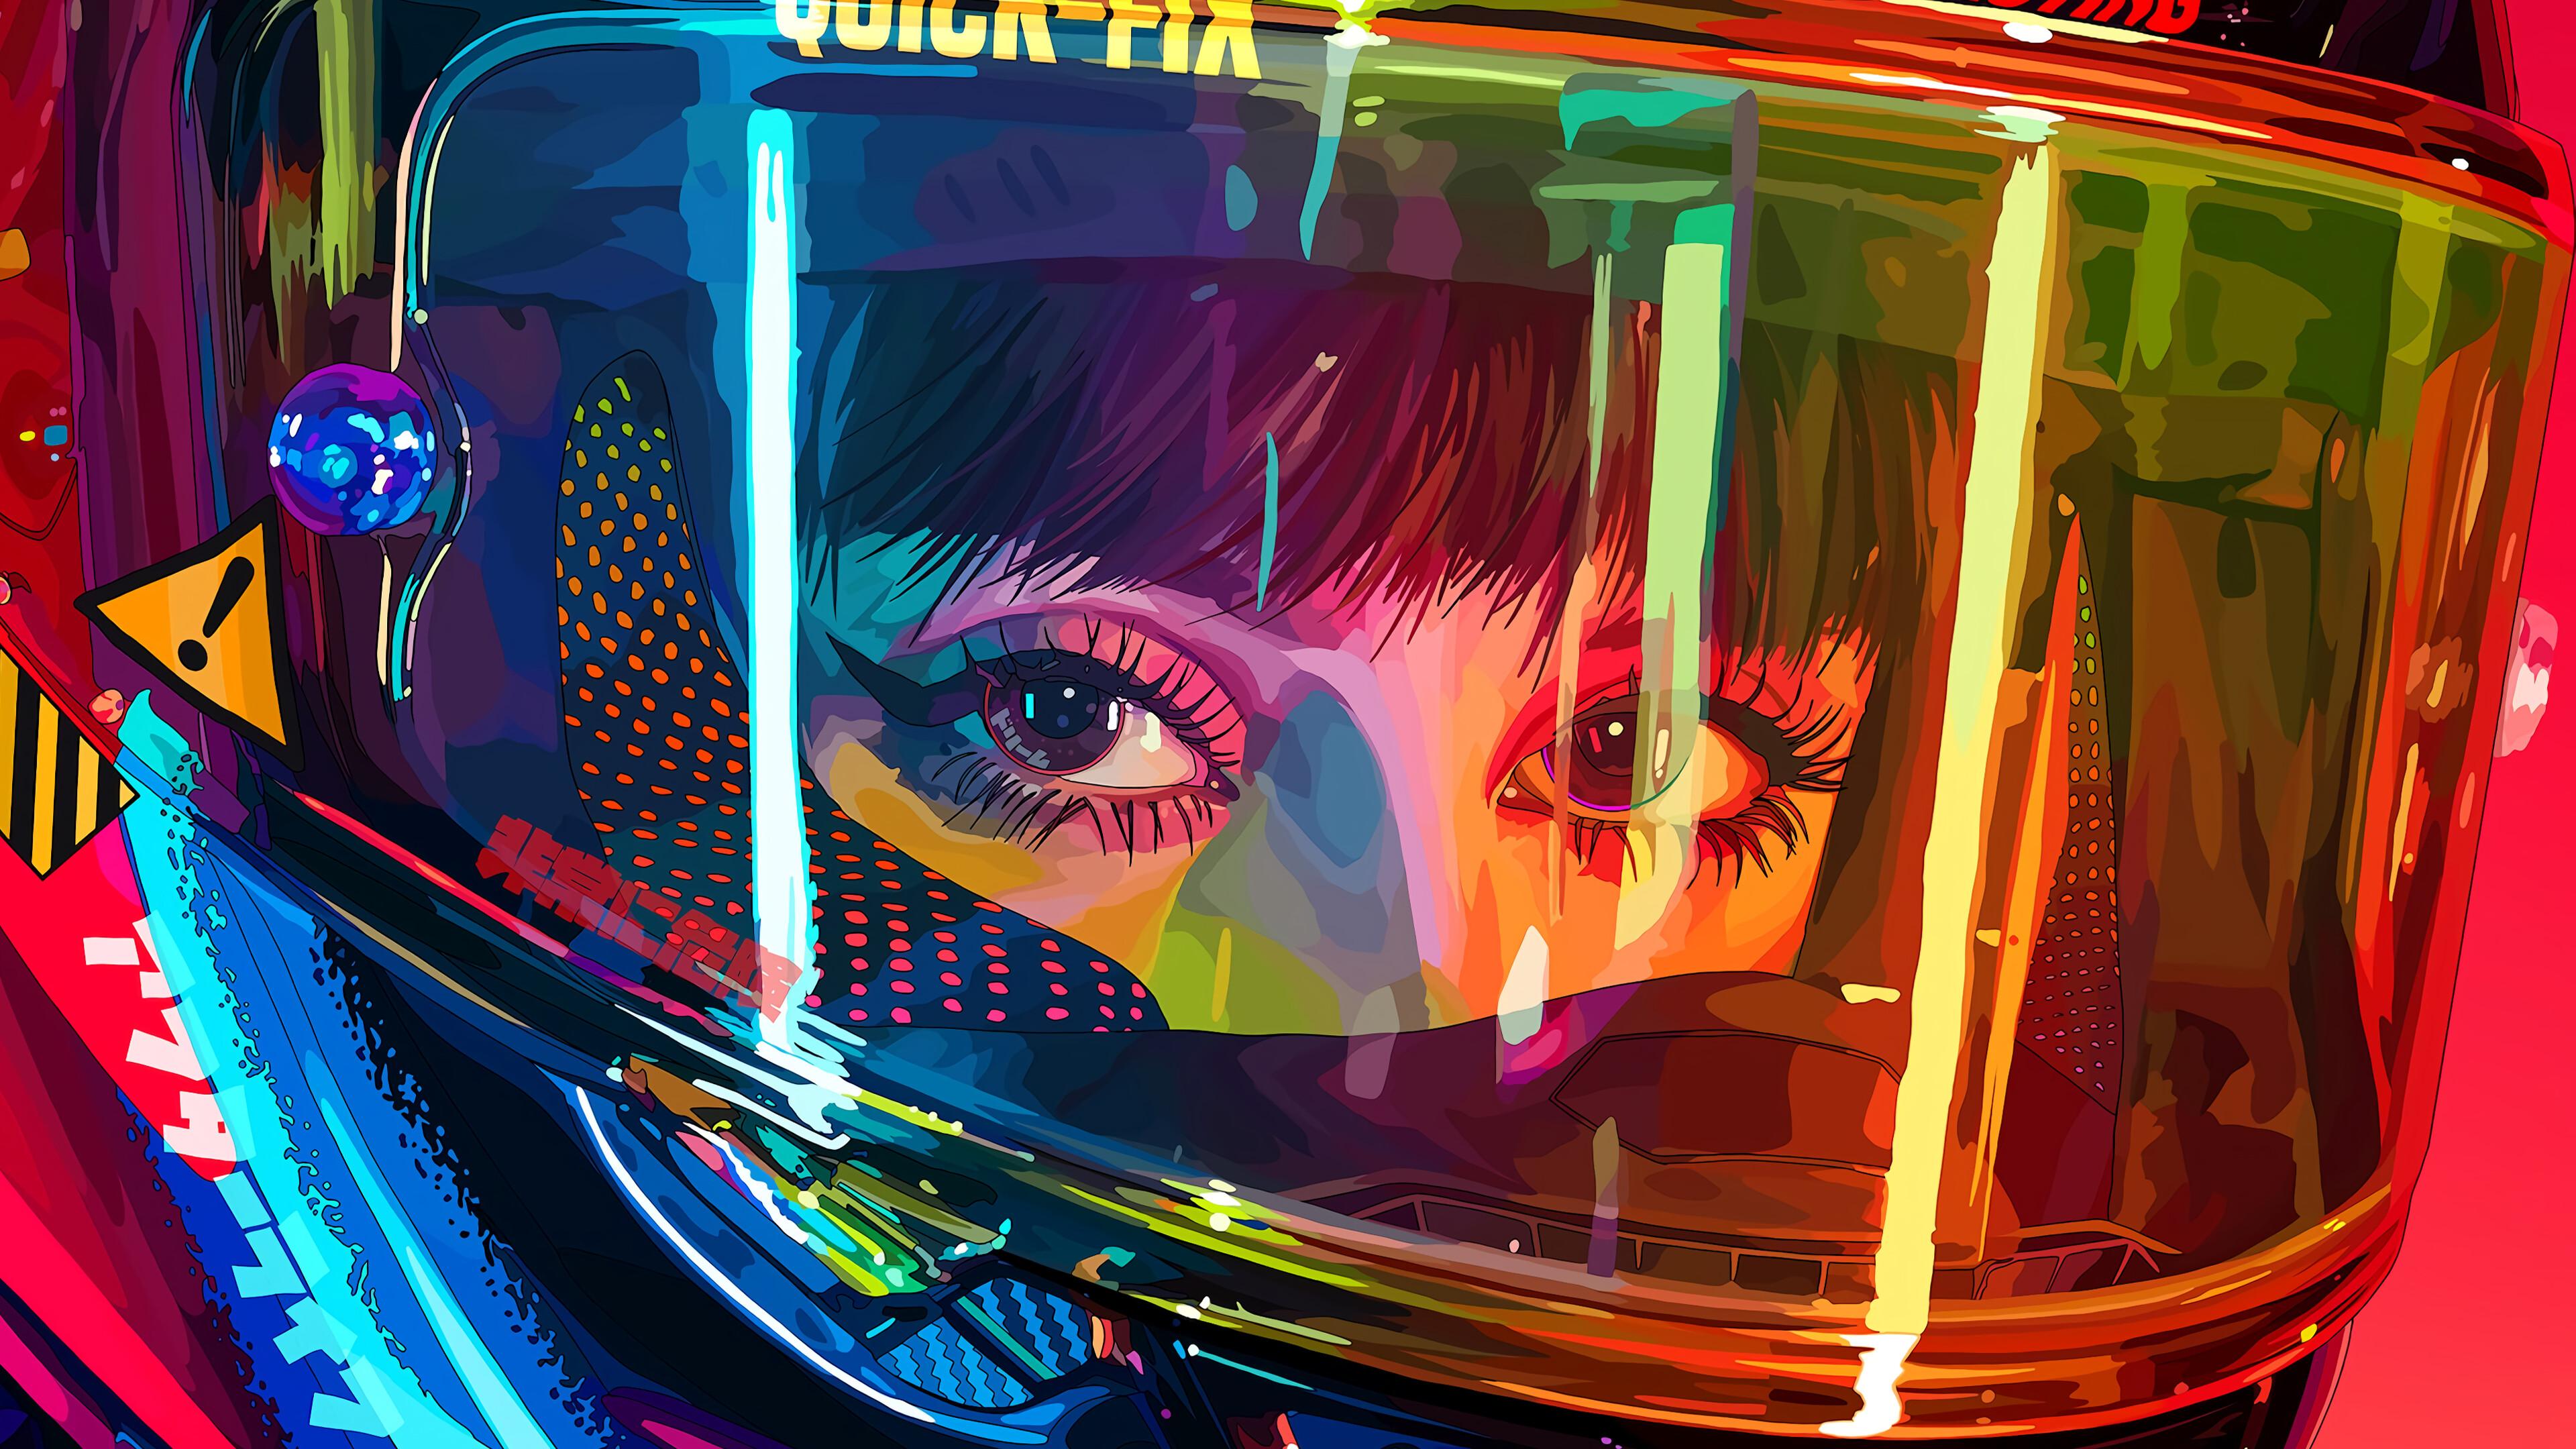 Fondos de pantalla Mujer motociclista con casco de colores